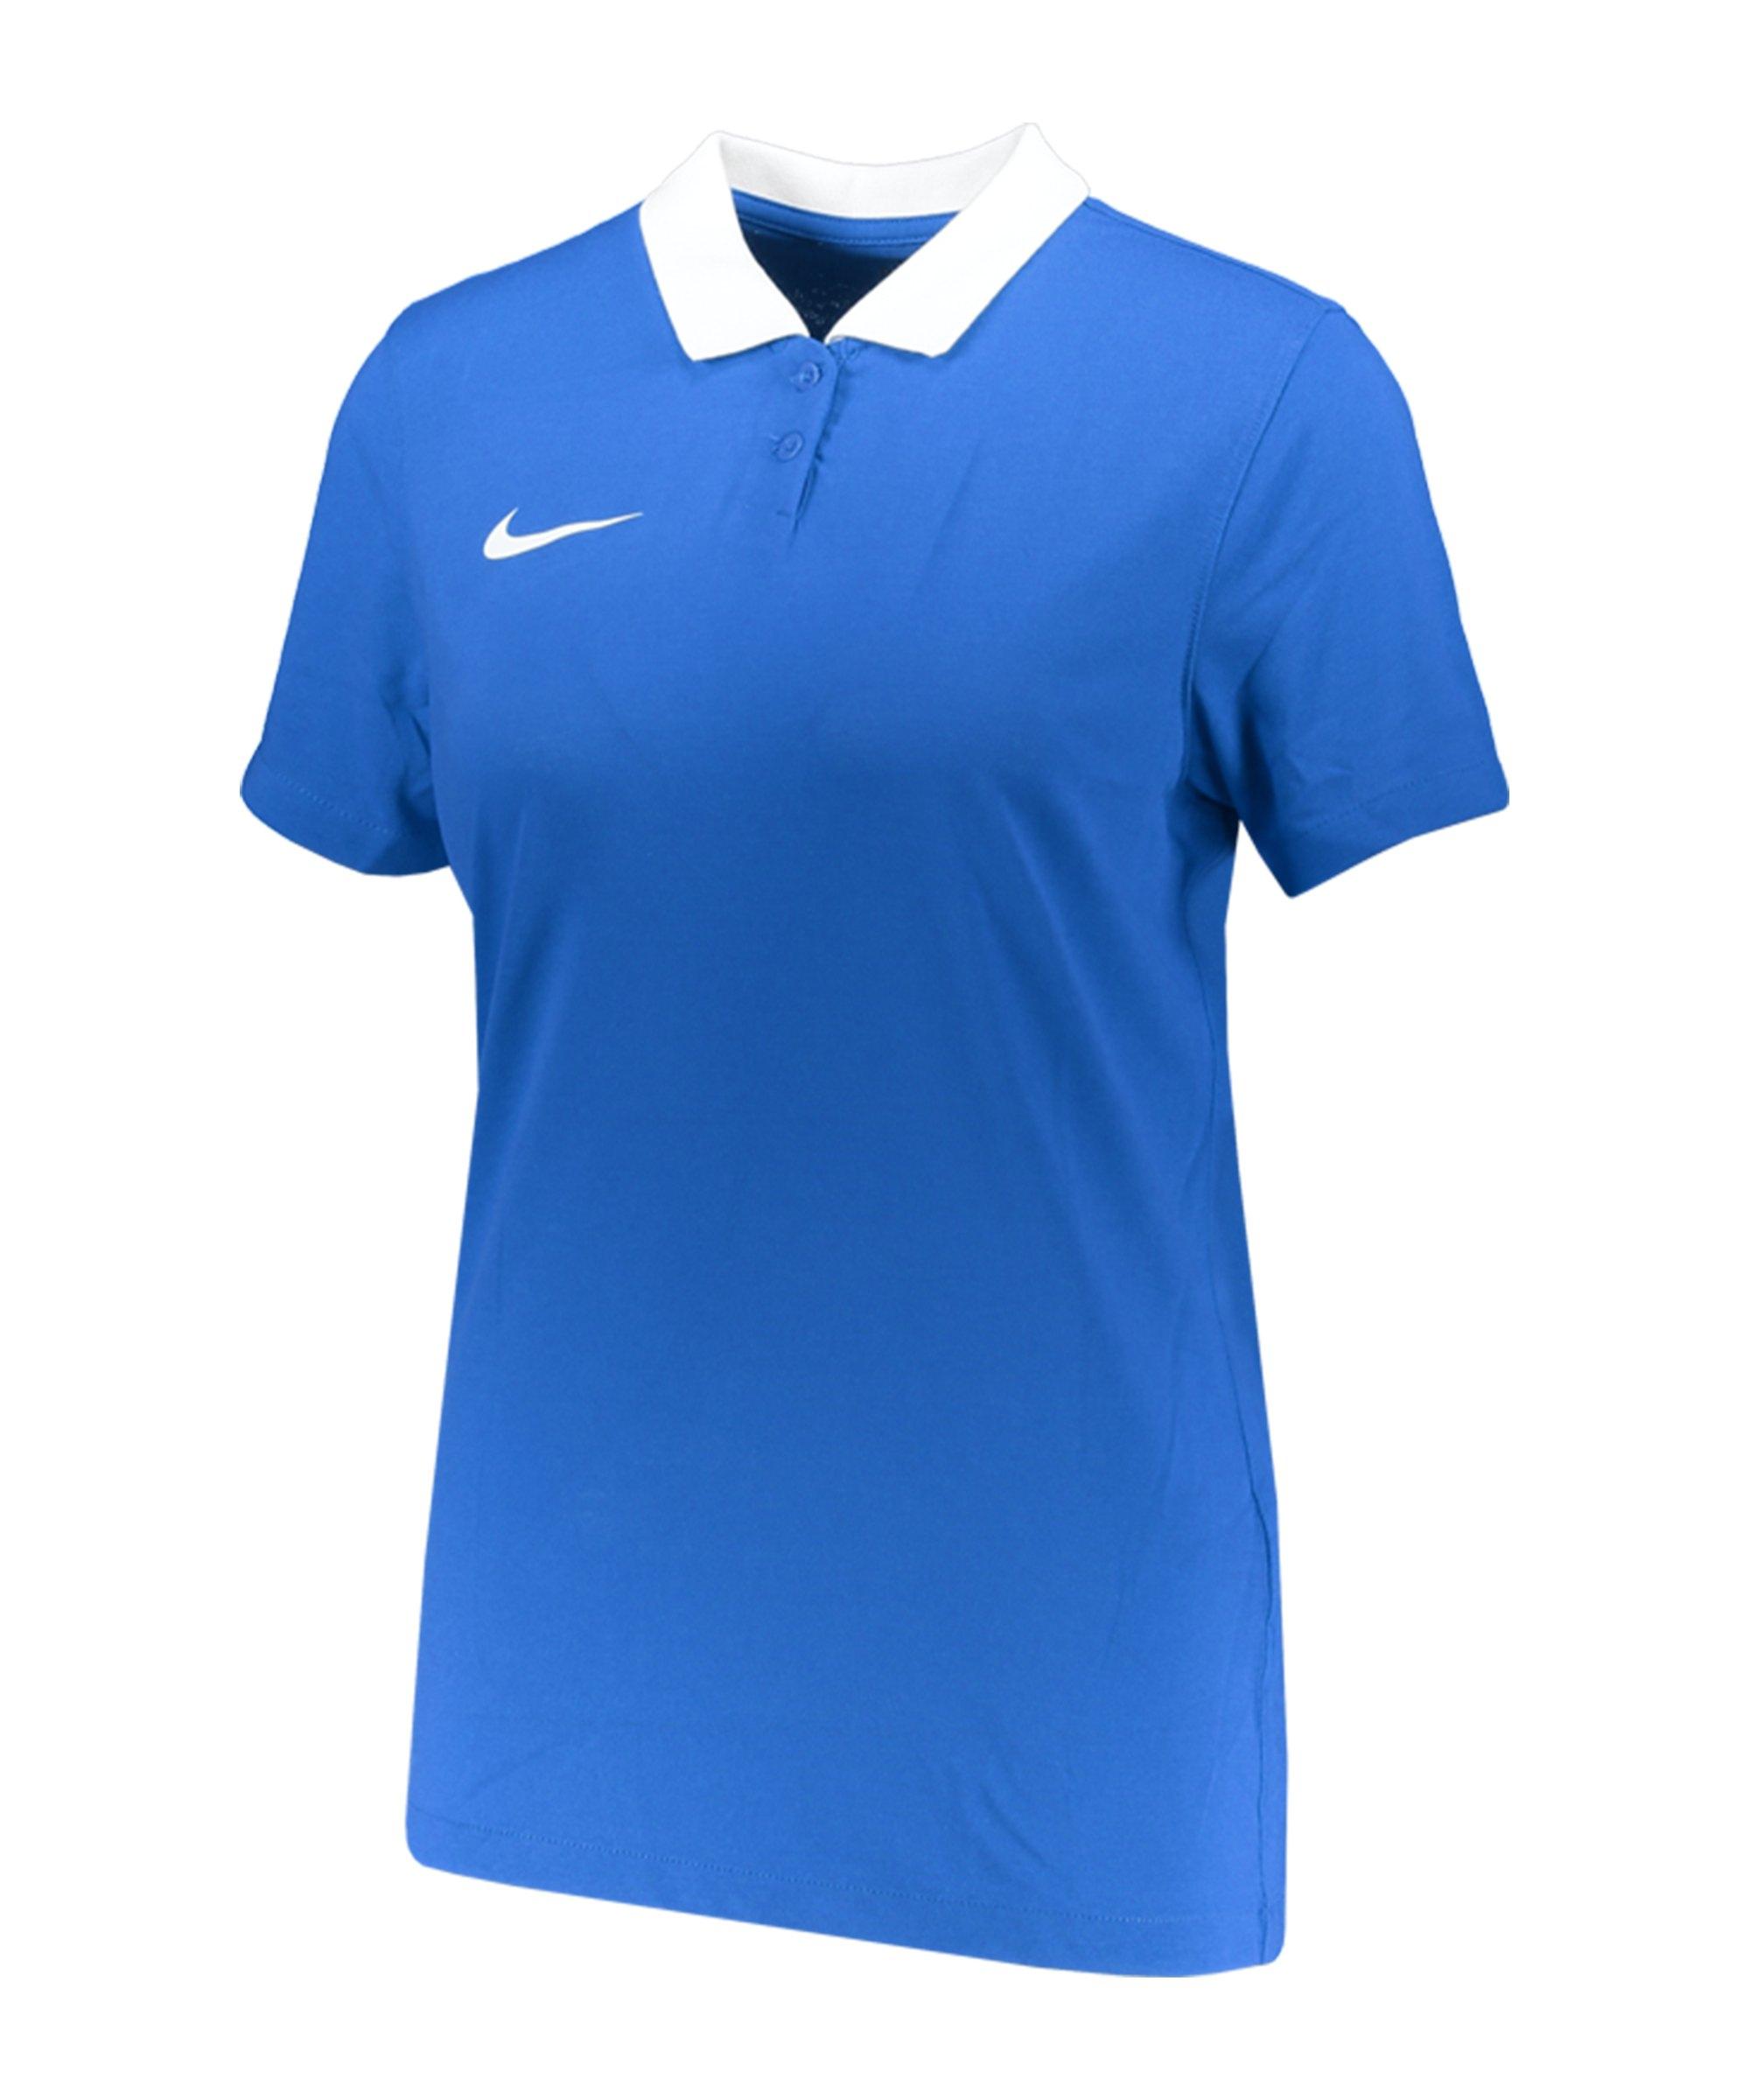 Nike Park 20 Poloshirt Damen Blau Weiss F463 - blau